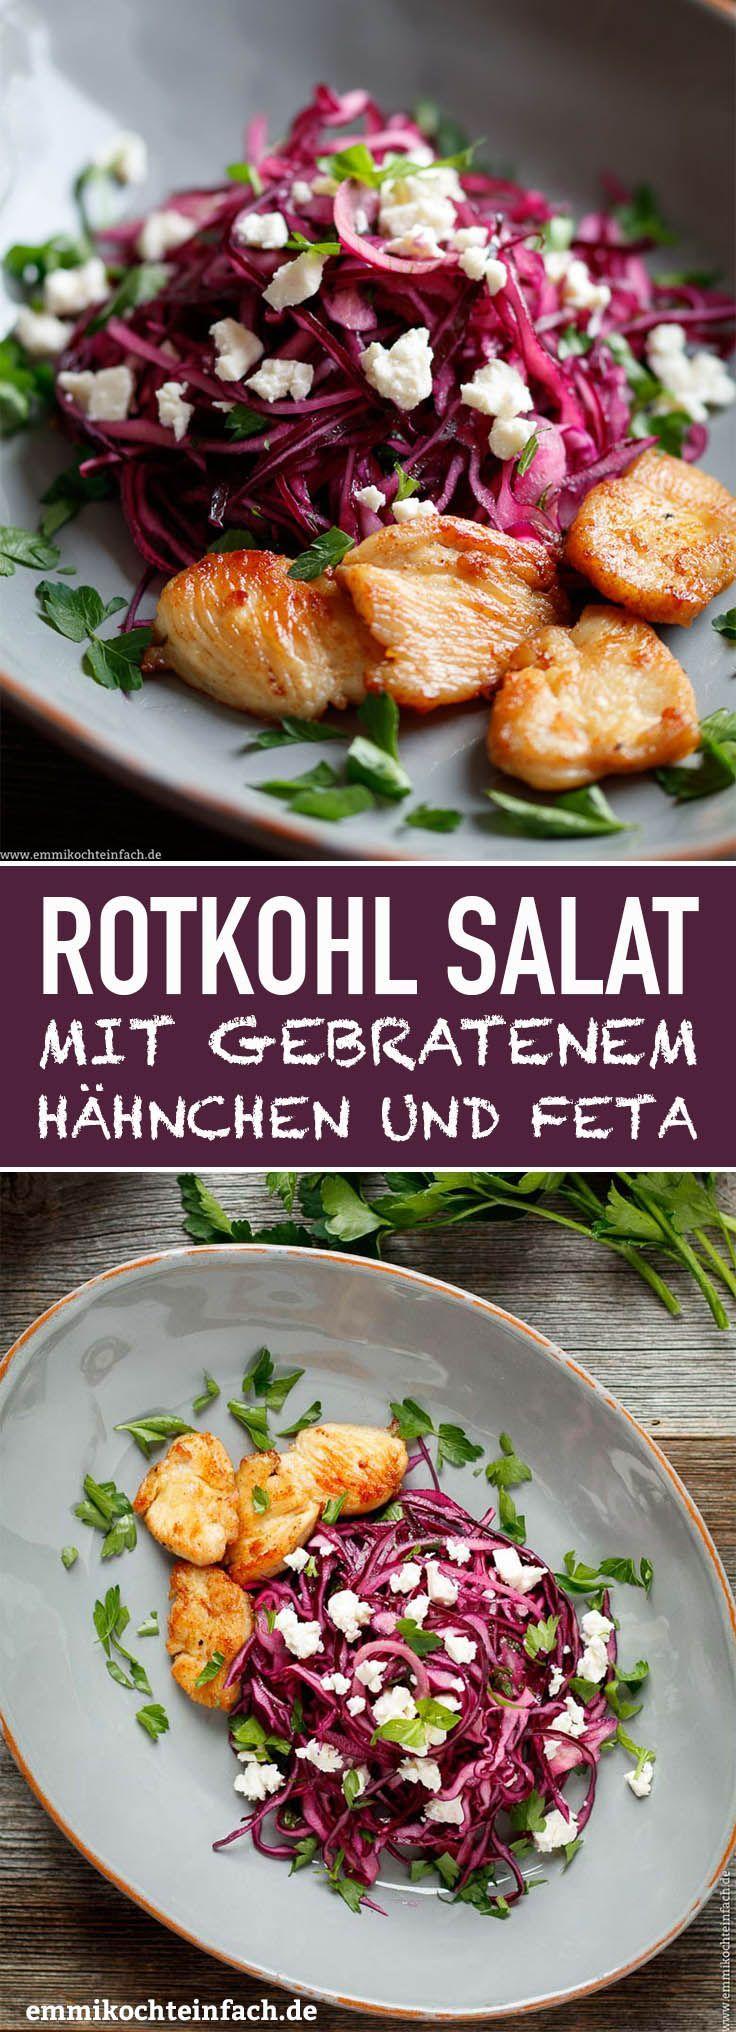 Rotkohl Salat mit gebratenem Hähnchen und Feta